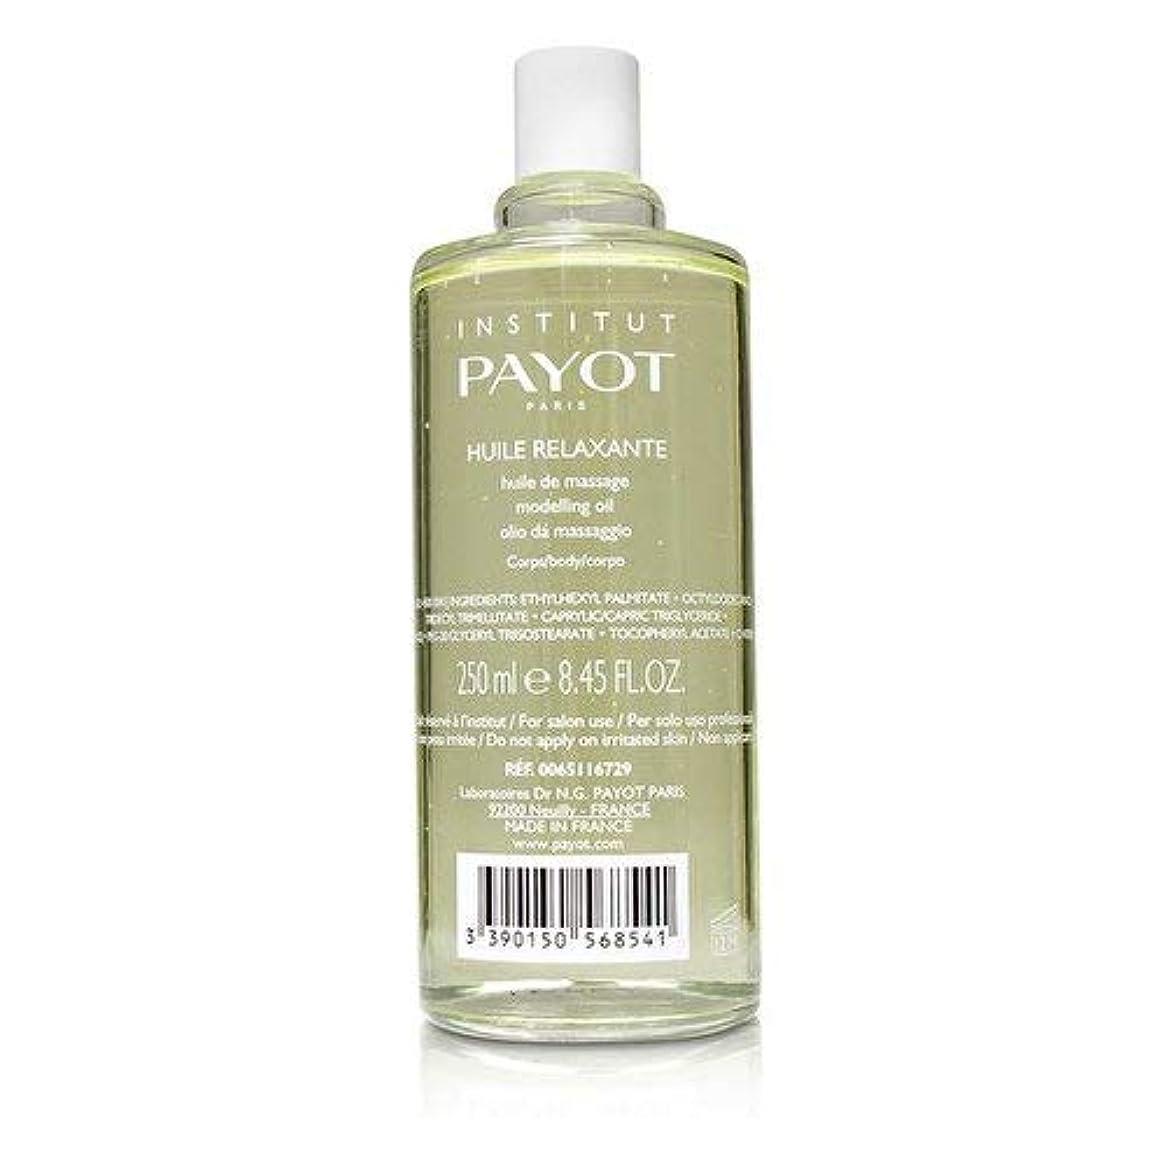 思春期の現金家畜パイヨ Huile Relaxante - Body Massage Oil (Jasmine & White Tea) (Salon Product) 250ml/8.45oz並行輸入品